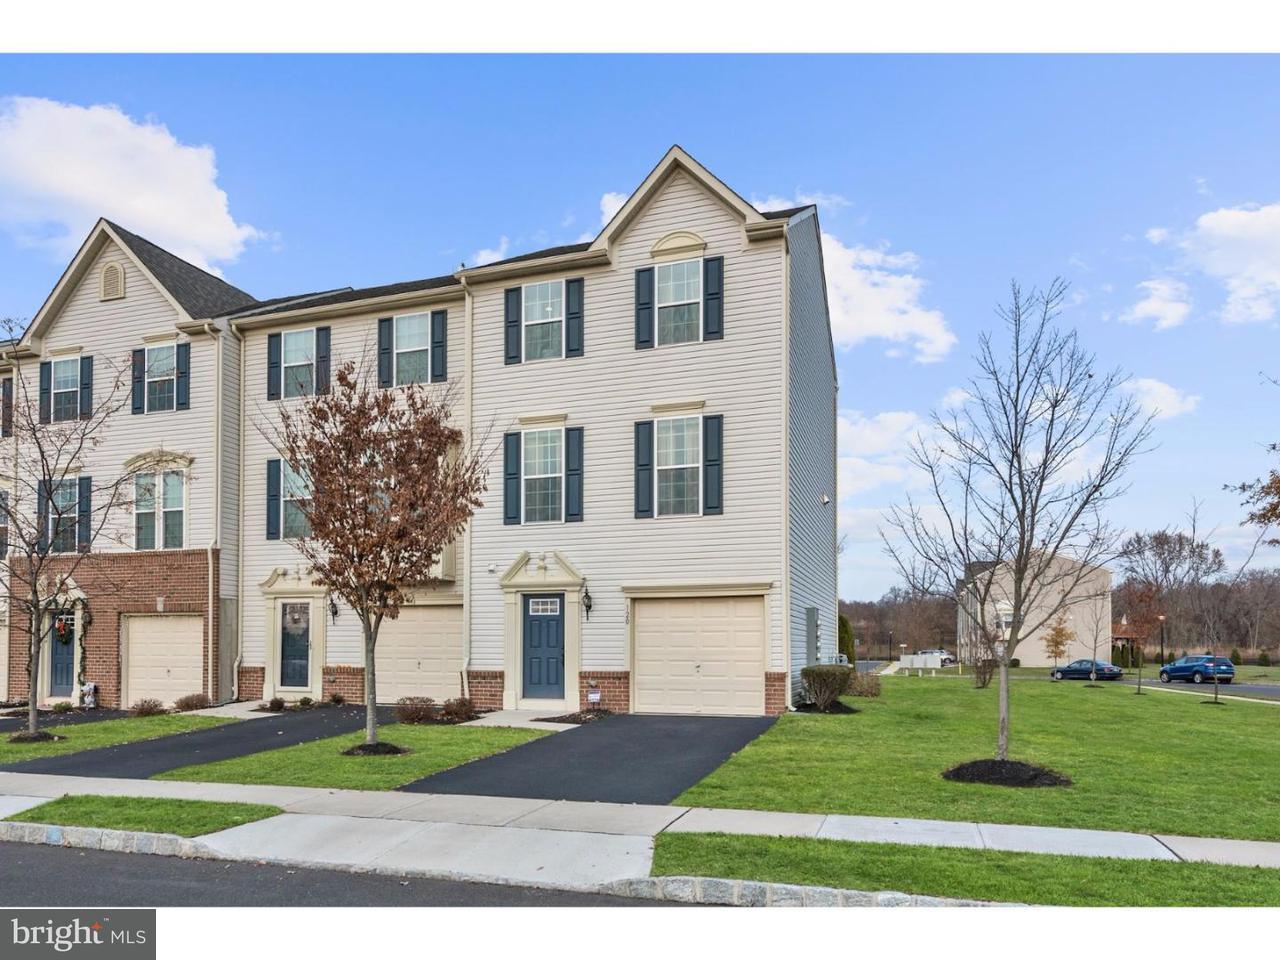 Casa unifamiliar adosada (Townhouse) por un Alquiler en 120 MICHELE WAY Cinnaminson, Nueva Jersey 08077 Estados Unidos